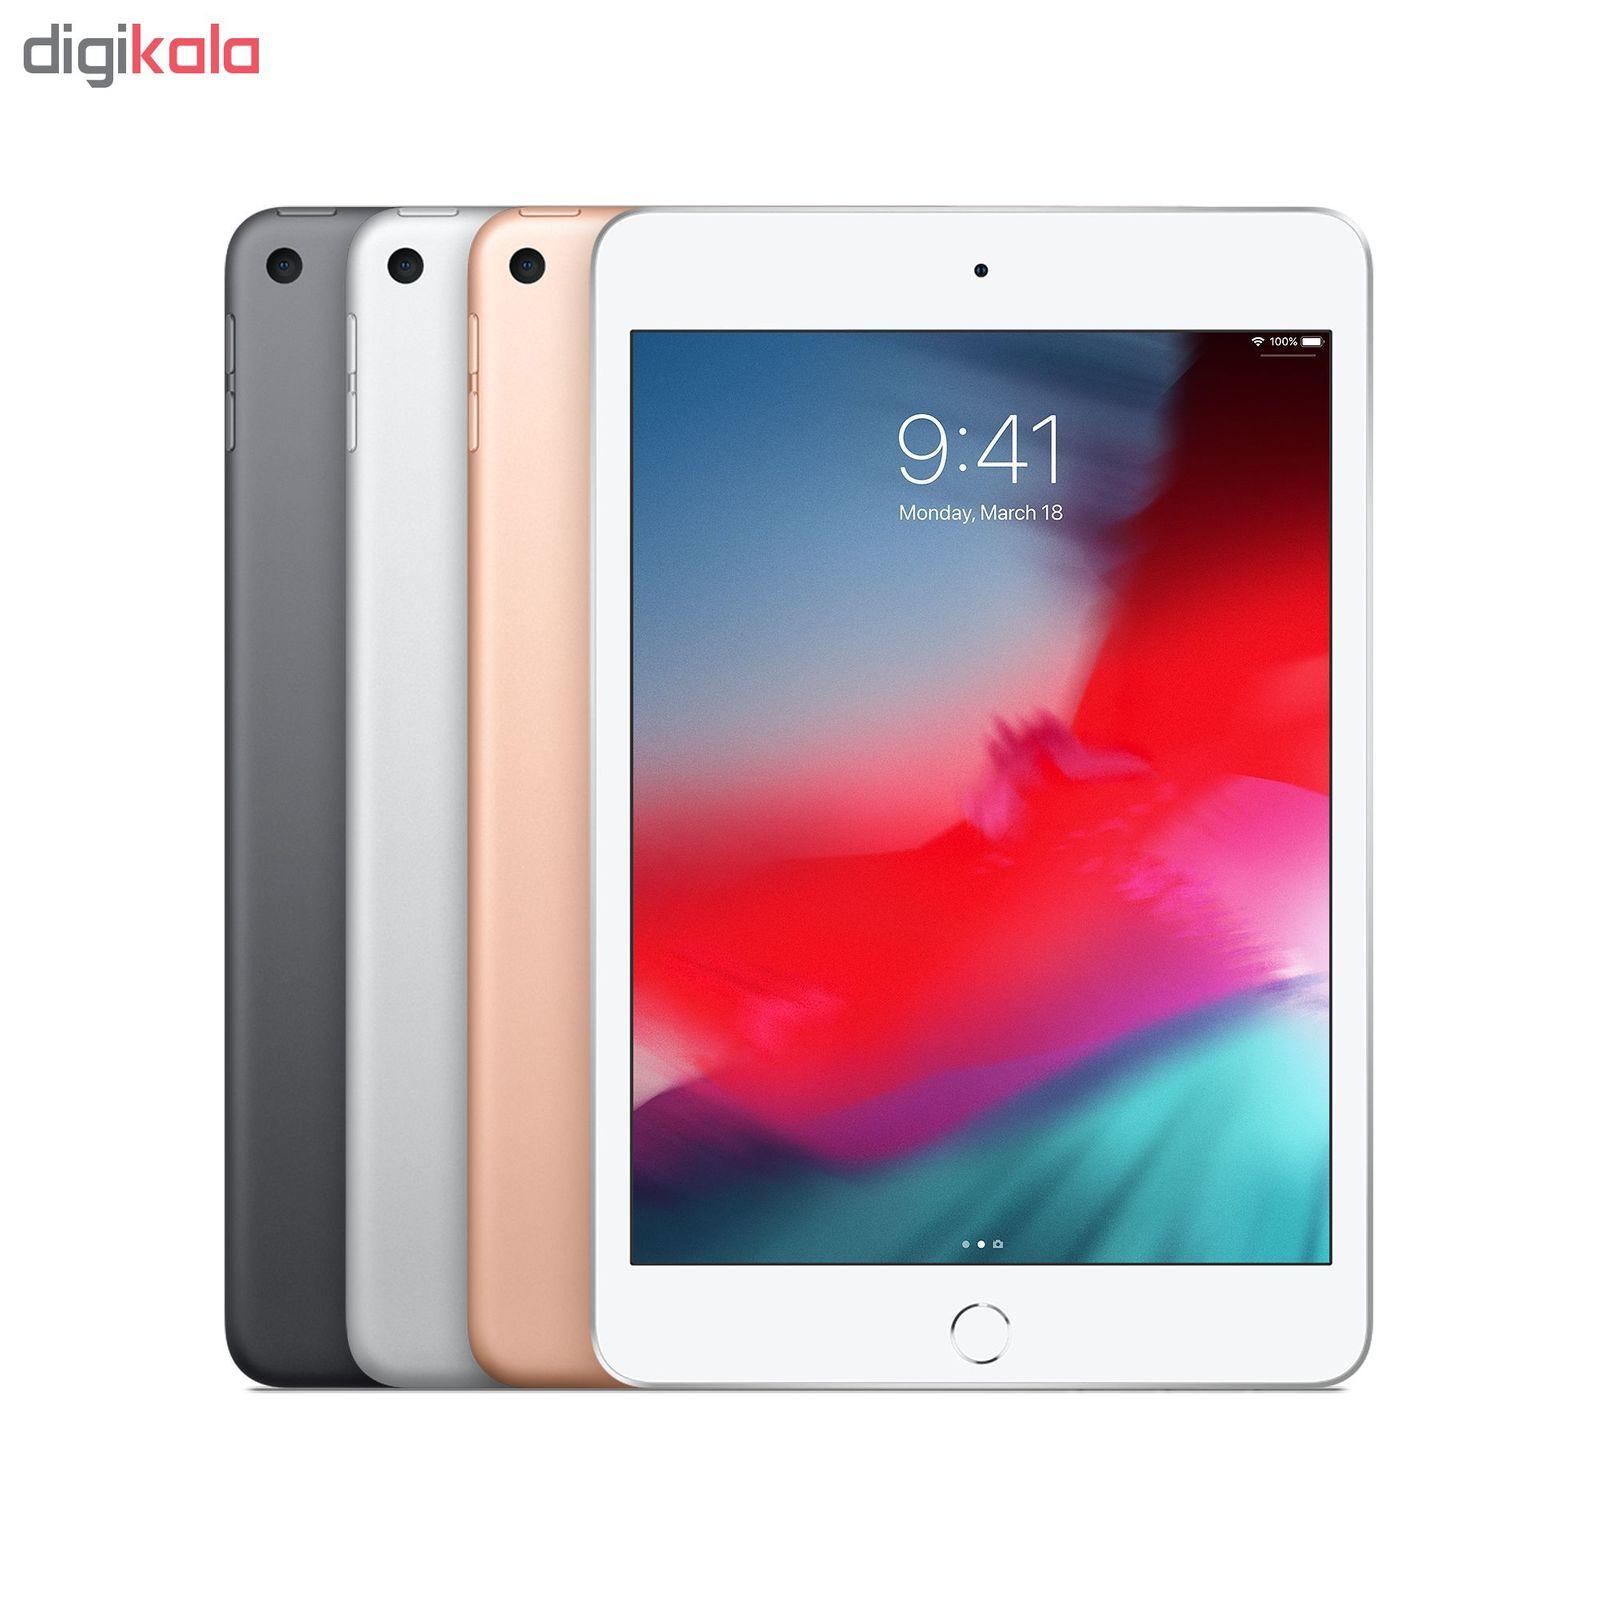 تبلت اپل مدل iPad Mini 5 2019 7.9 inch WiFi ظرفیت 64 گیگابایت main 1 7